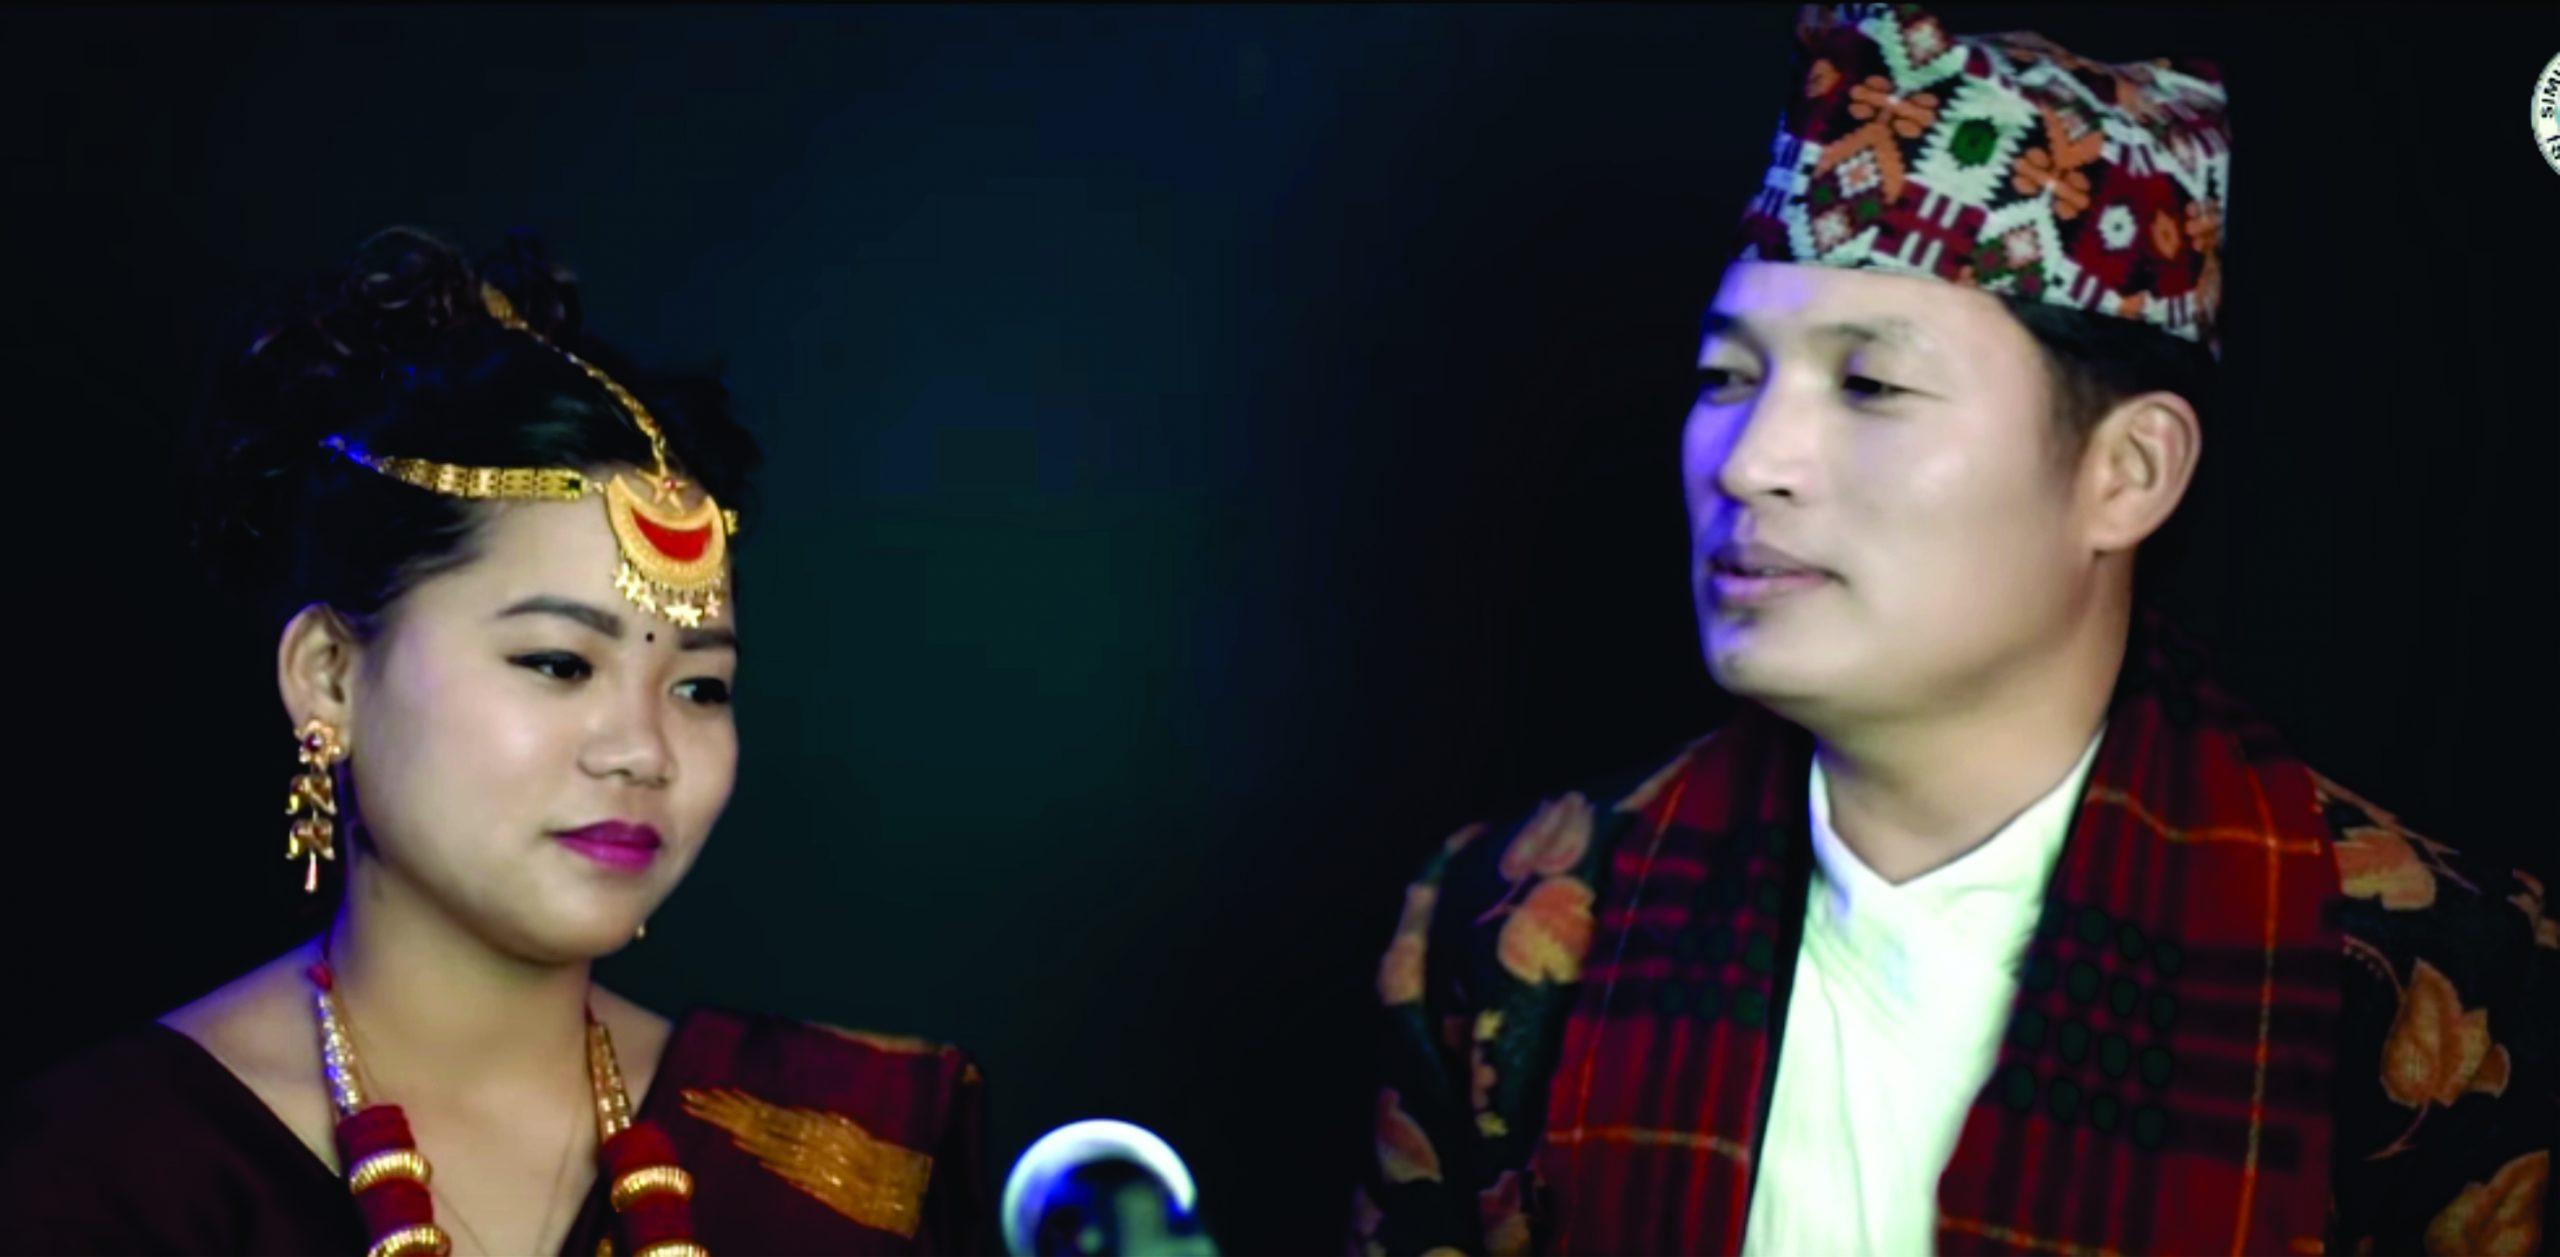 तिर्सना नेम्बाङ र इन्द्रशुसिल चोङबाङको 'सोलुङमा योन्दा' सार्वजनिक(भिडियो सहित)